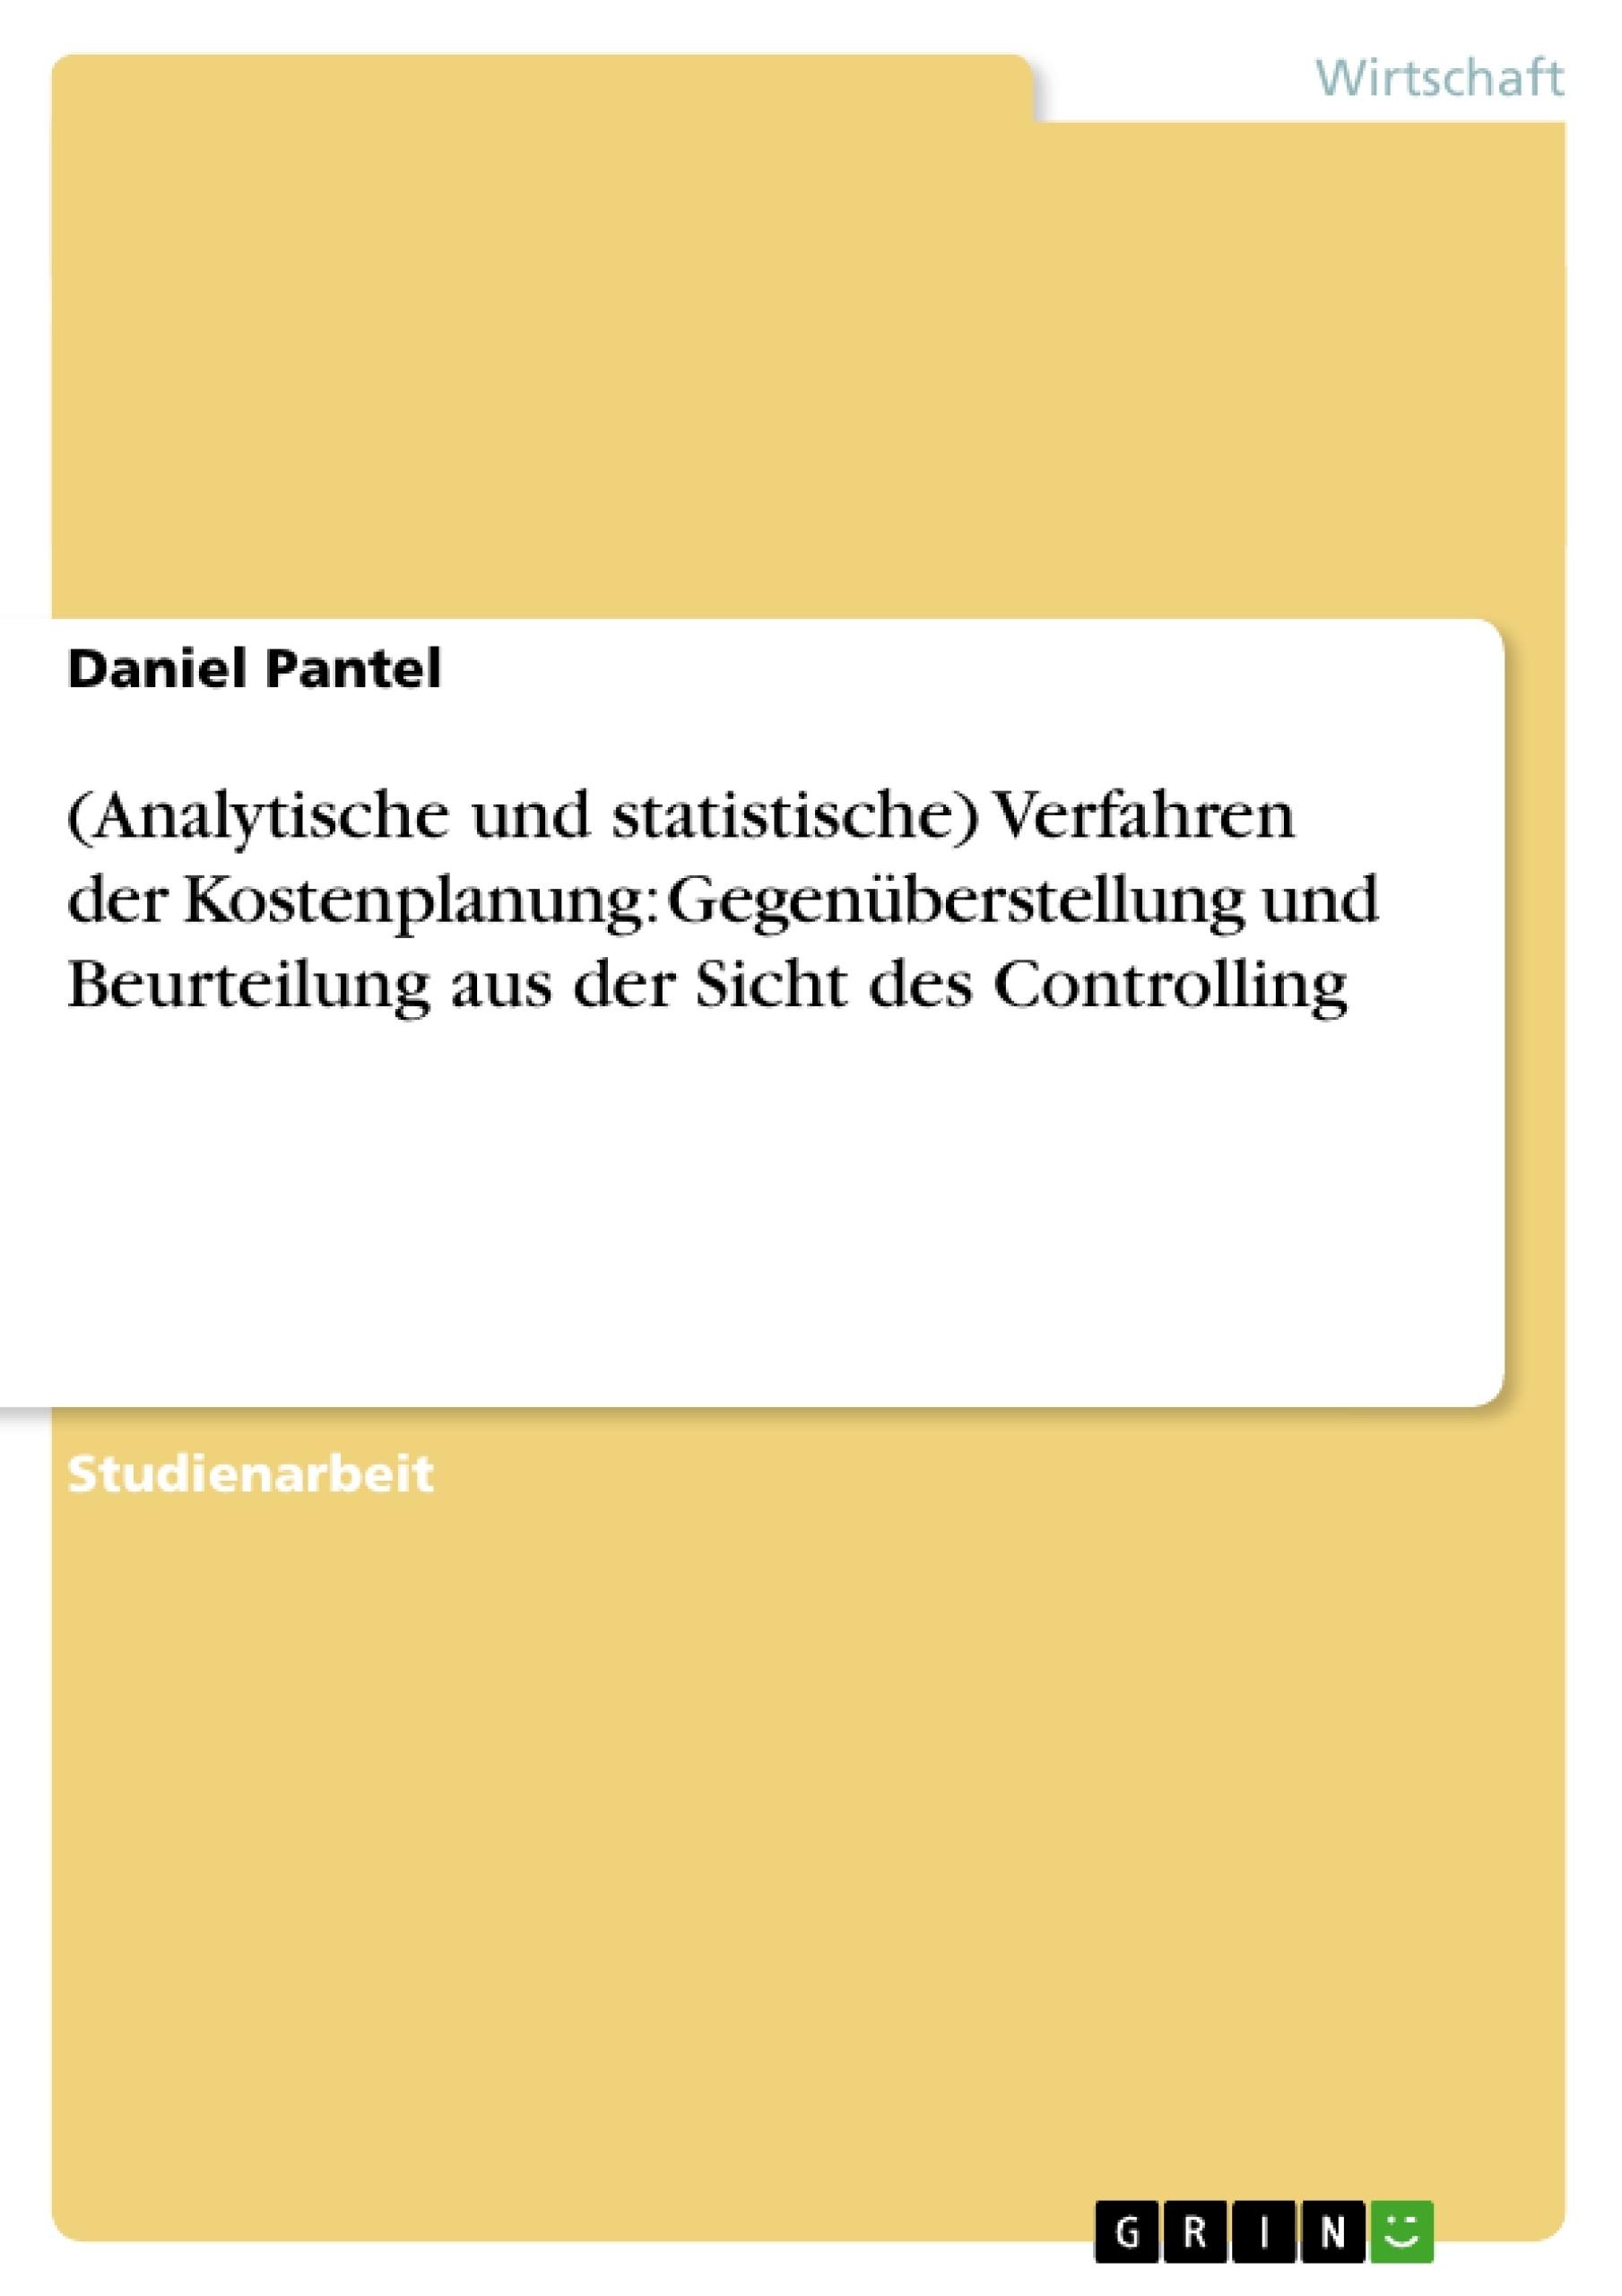 Titel: (Analytische und statistische) Verfahren der Kostenplanung: Gegenüberstellung und Beurteilung aus der Sicht des Controlling